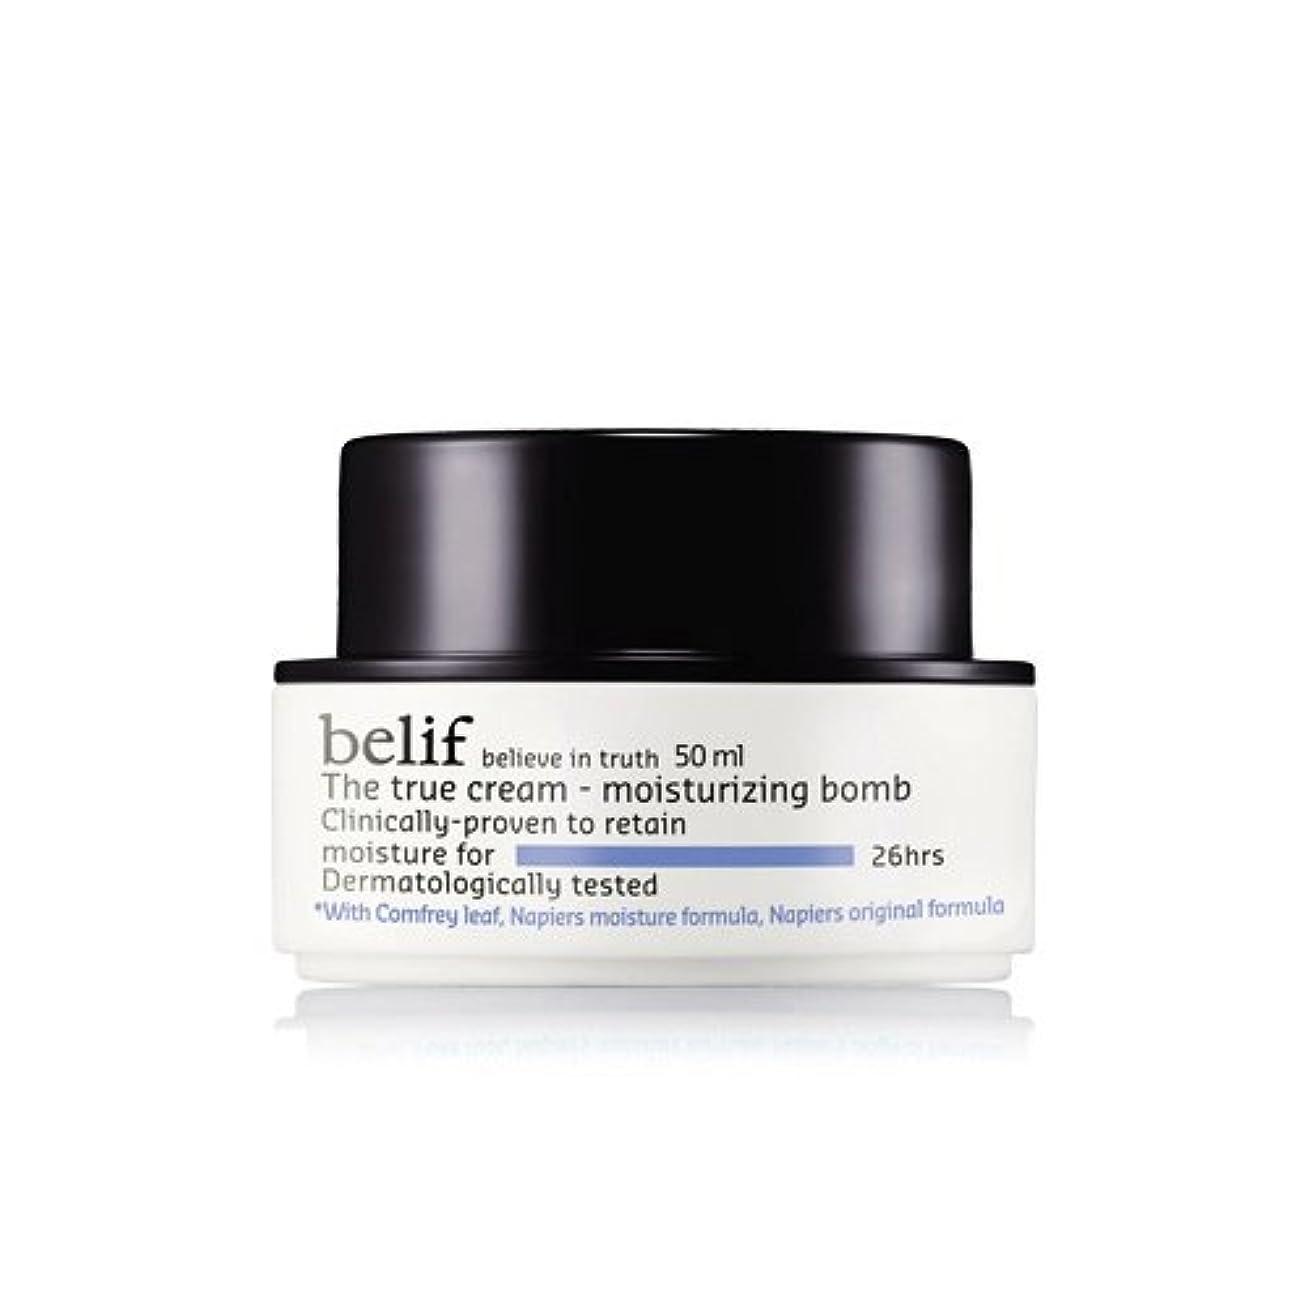 ぺディカブ自発的寛大な『belif The true cream-moisturizing bomb 50ml』 ビリーフ 水分爆弾クリーム50ml 【福袋】